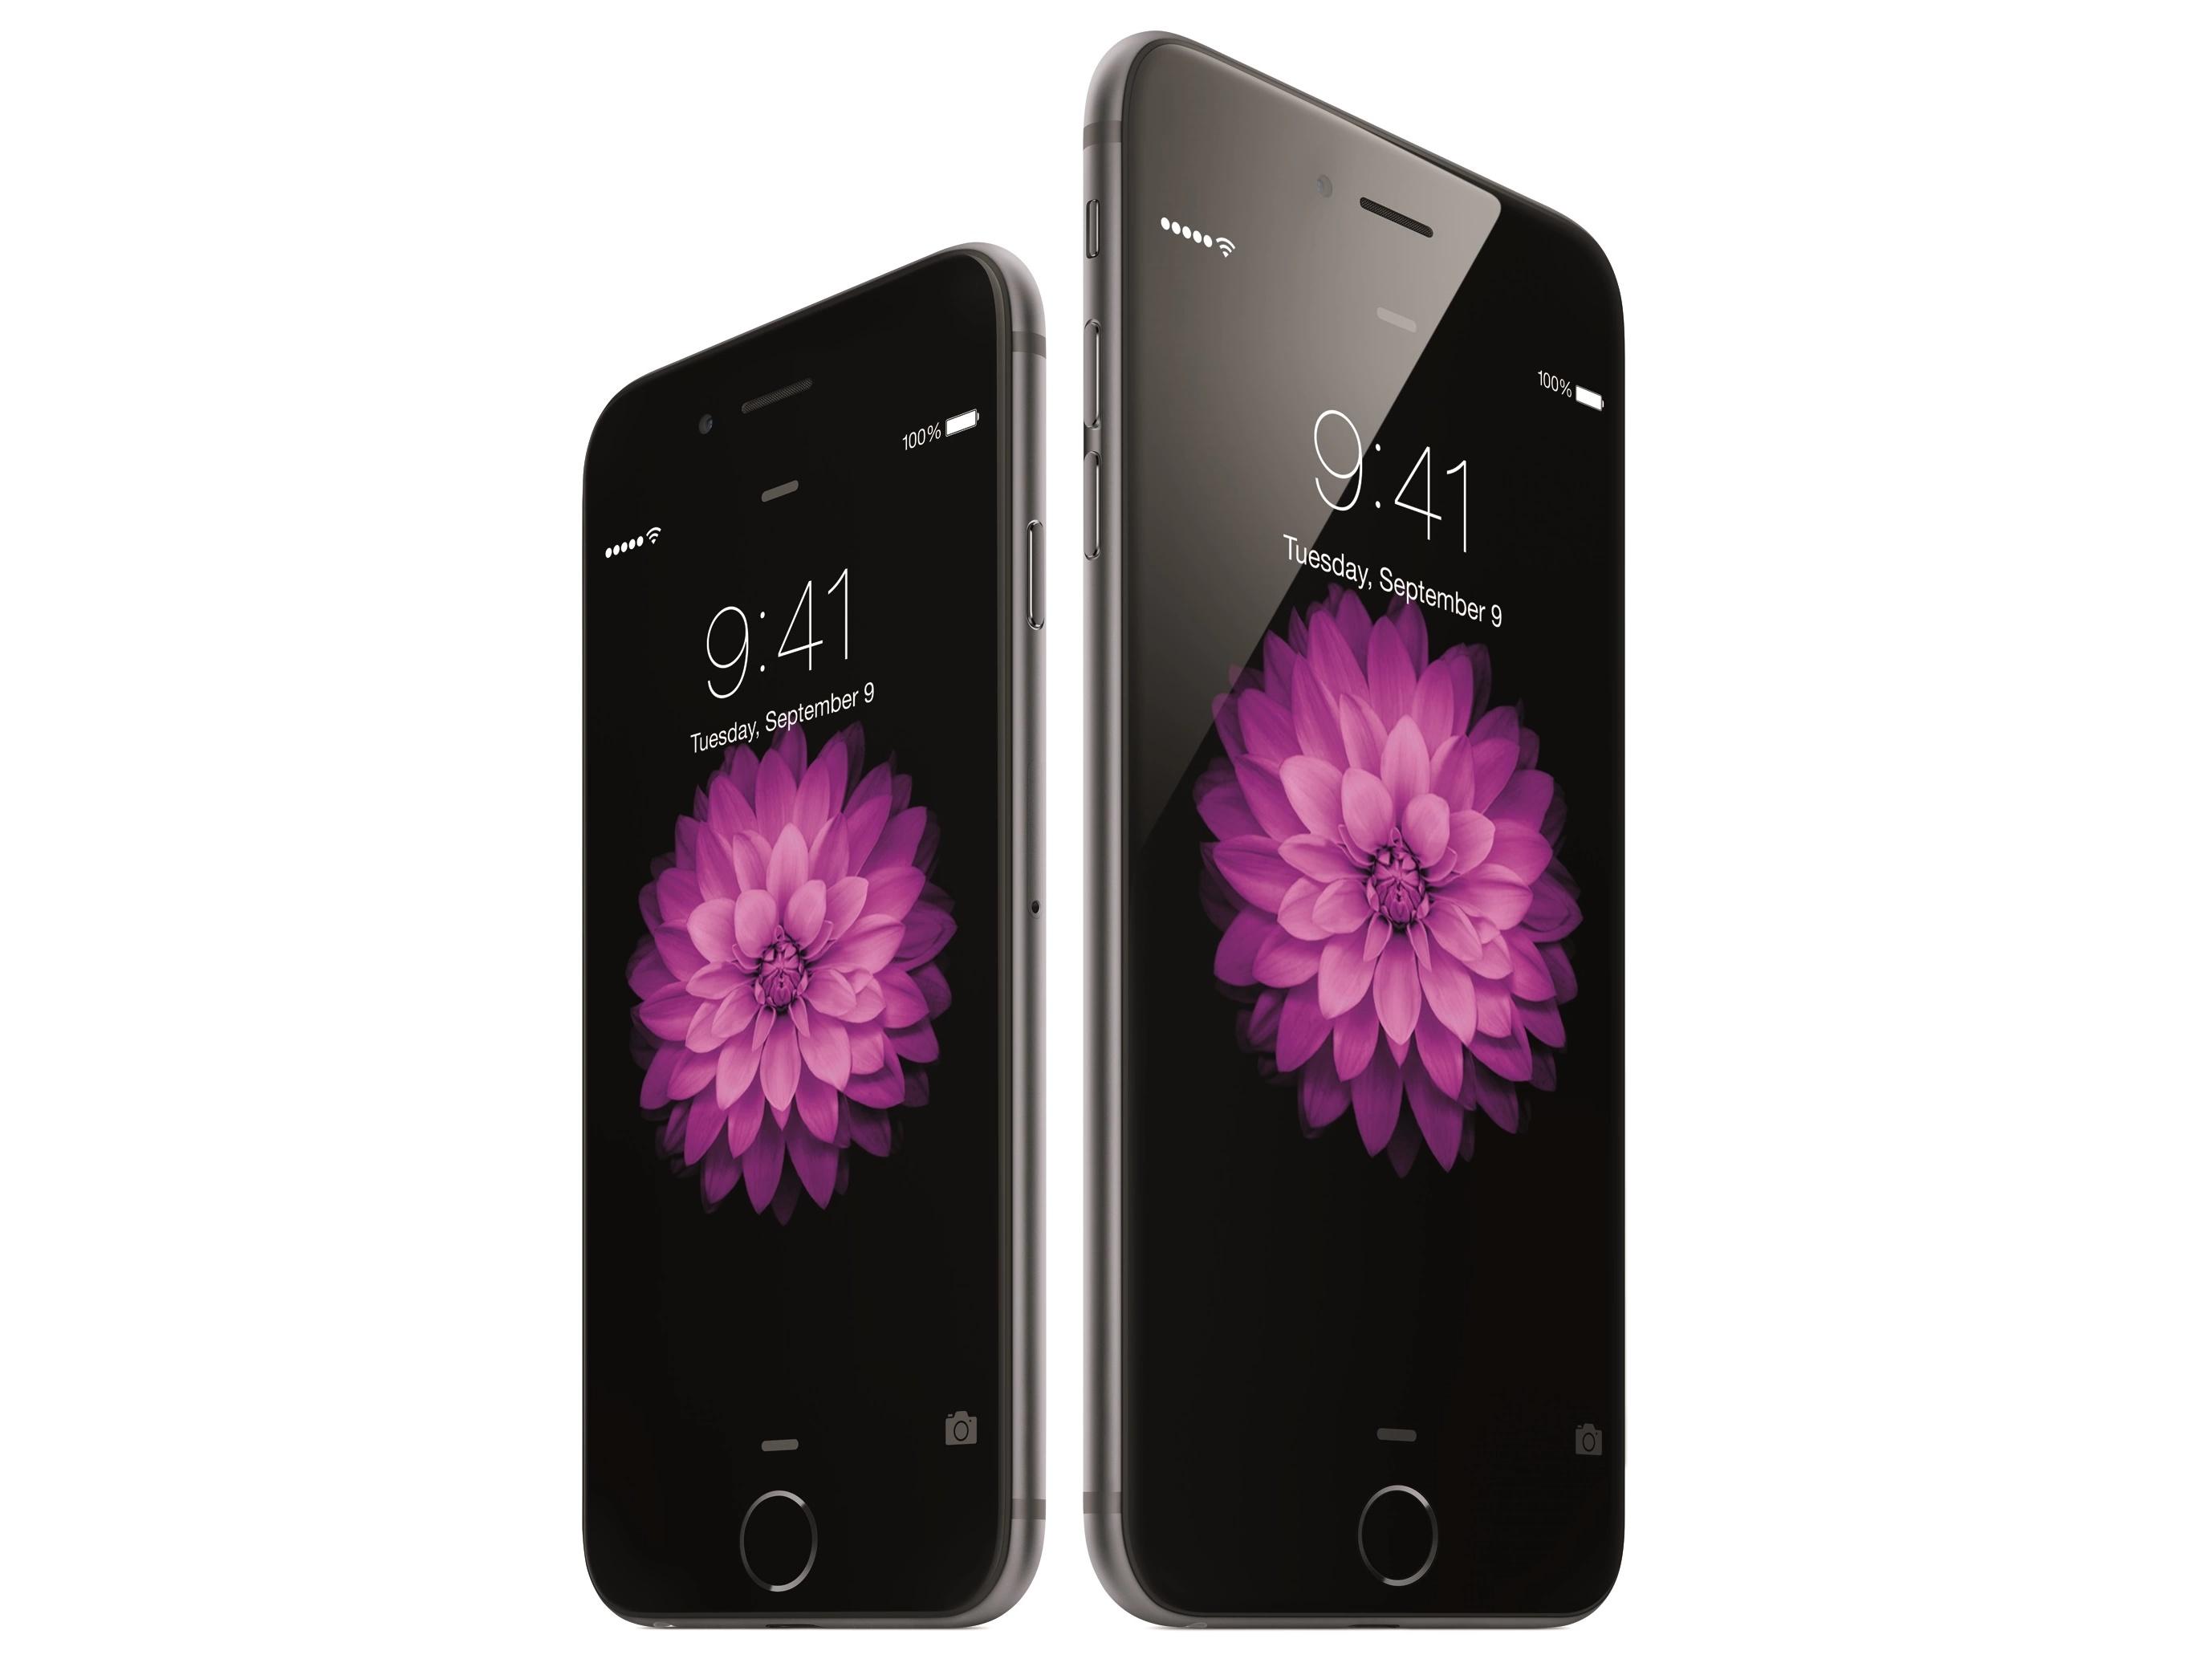 Apple-iPhone-6--amp-iPhone-6-Plus (1)